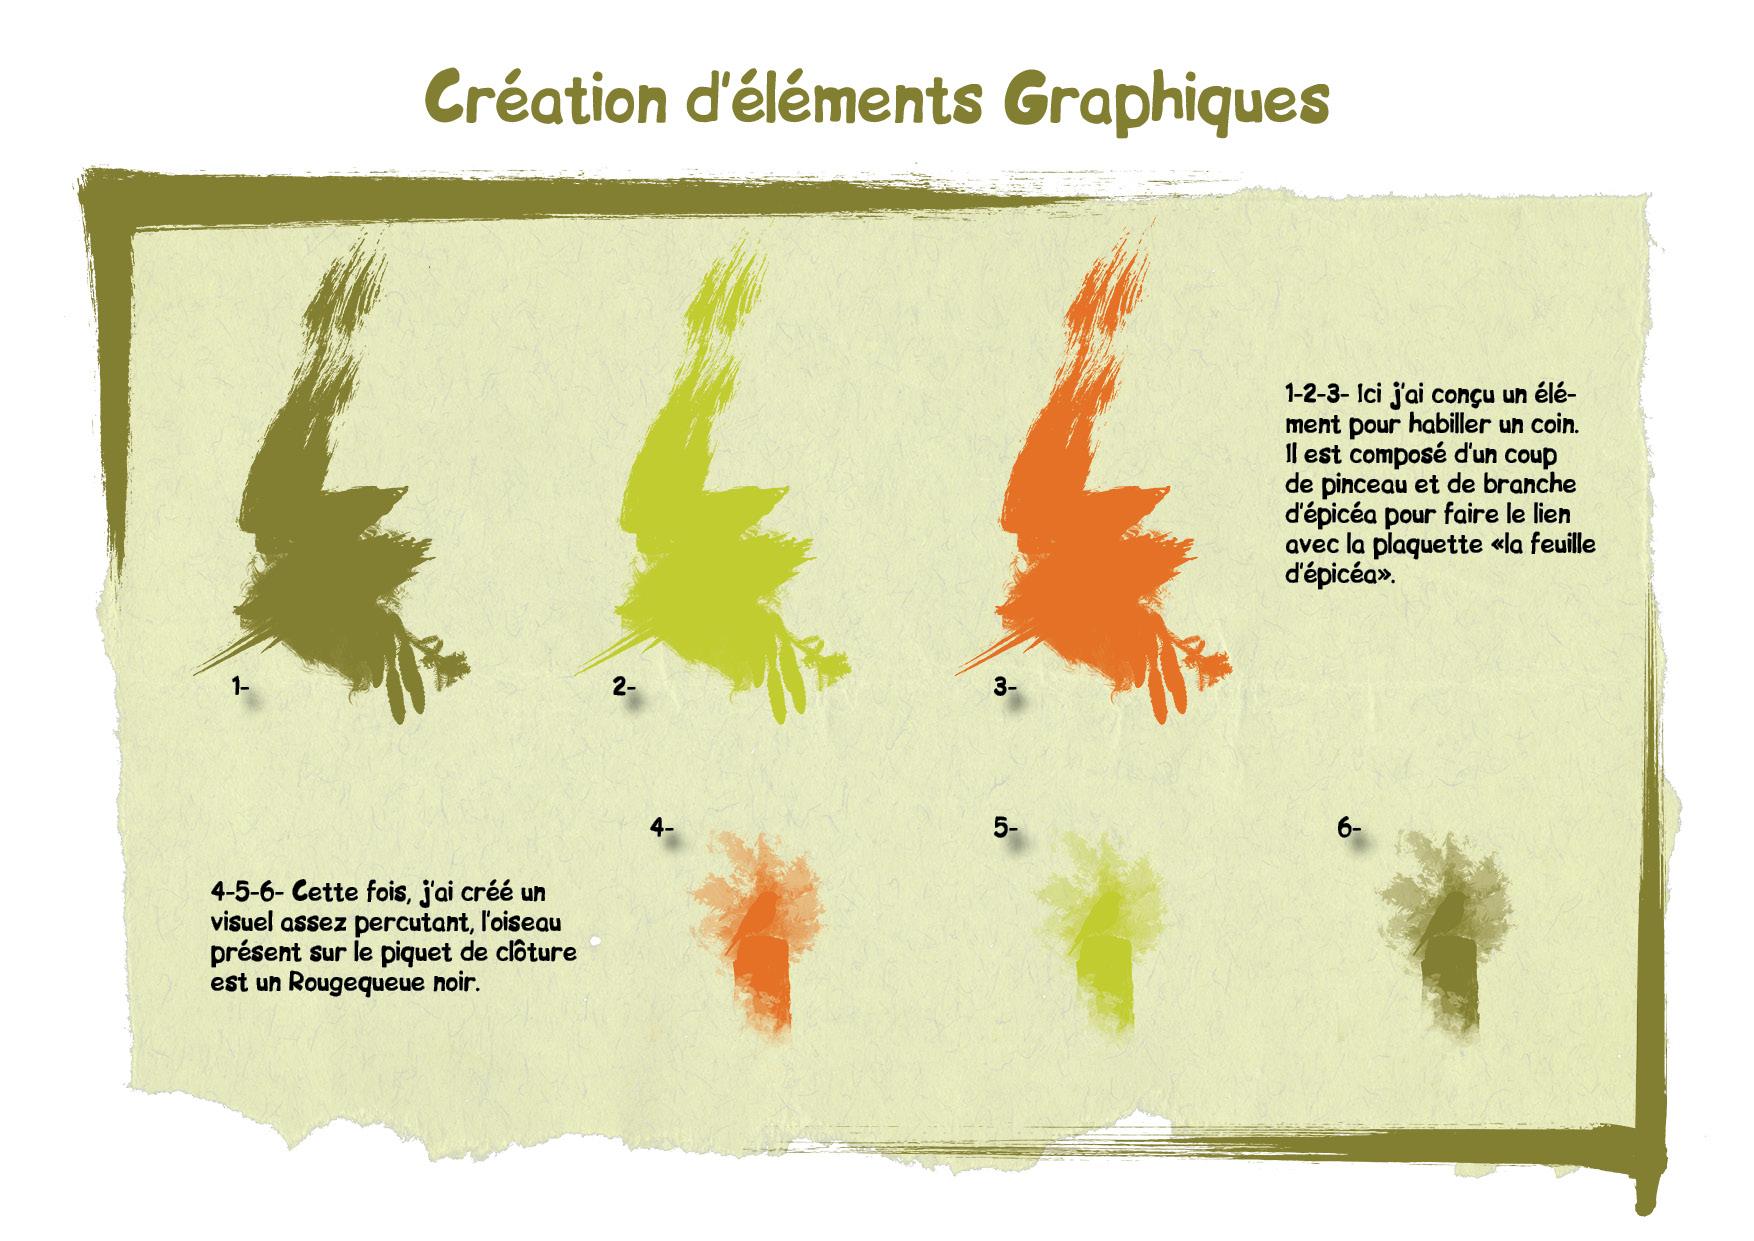 Creation éléments graphiques 2